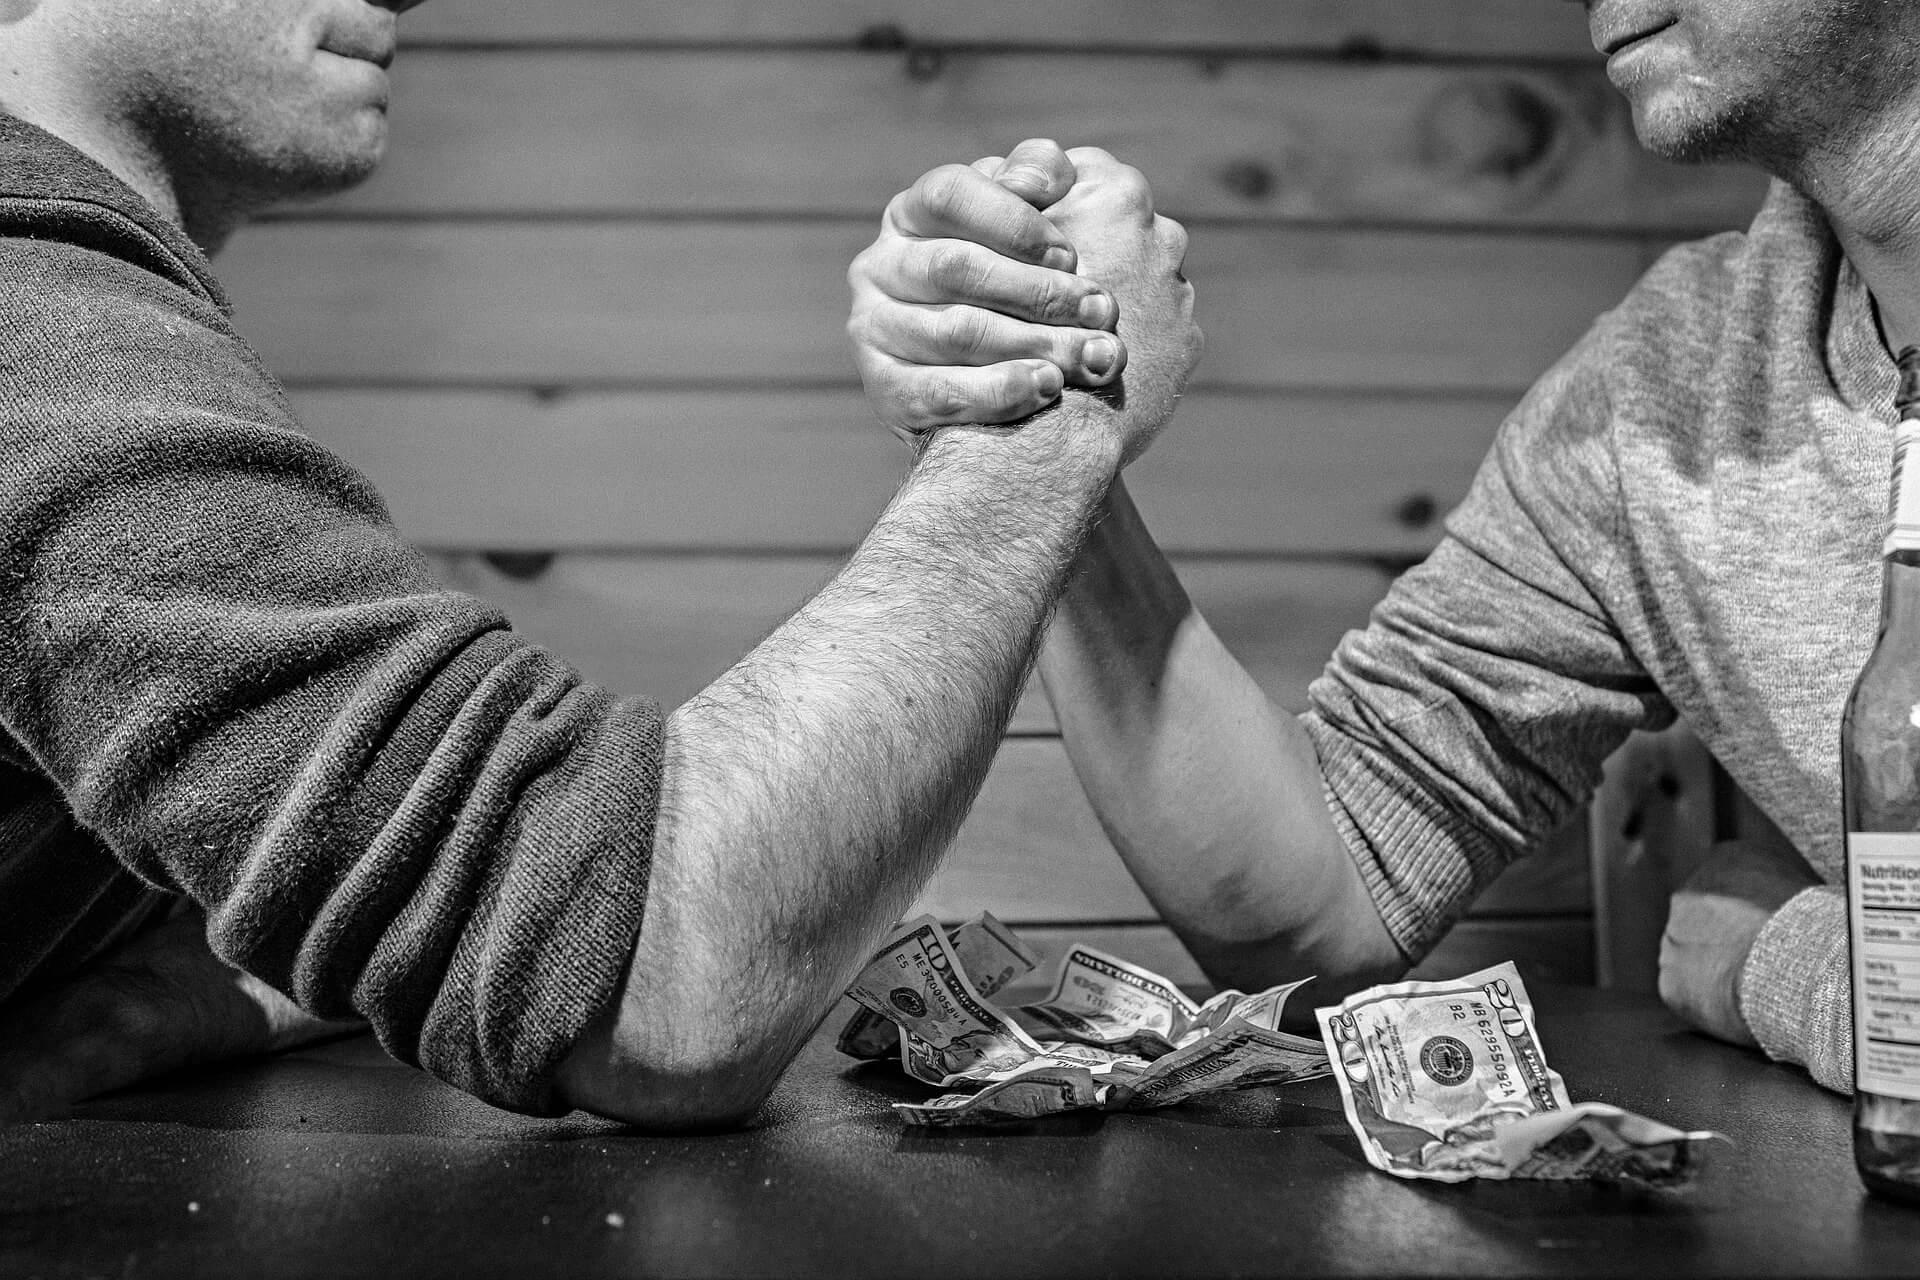 Foto em preto e branco, de dois homens brancos, disputando uma queda de braço sobre uma mesa de madeira escura e com algumas notas de dólares estadunidenses - Castanhari a indenizar Melhem 1